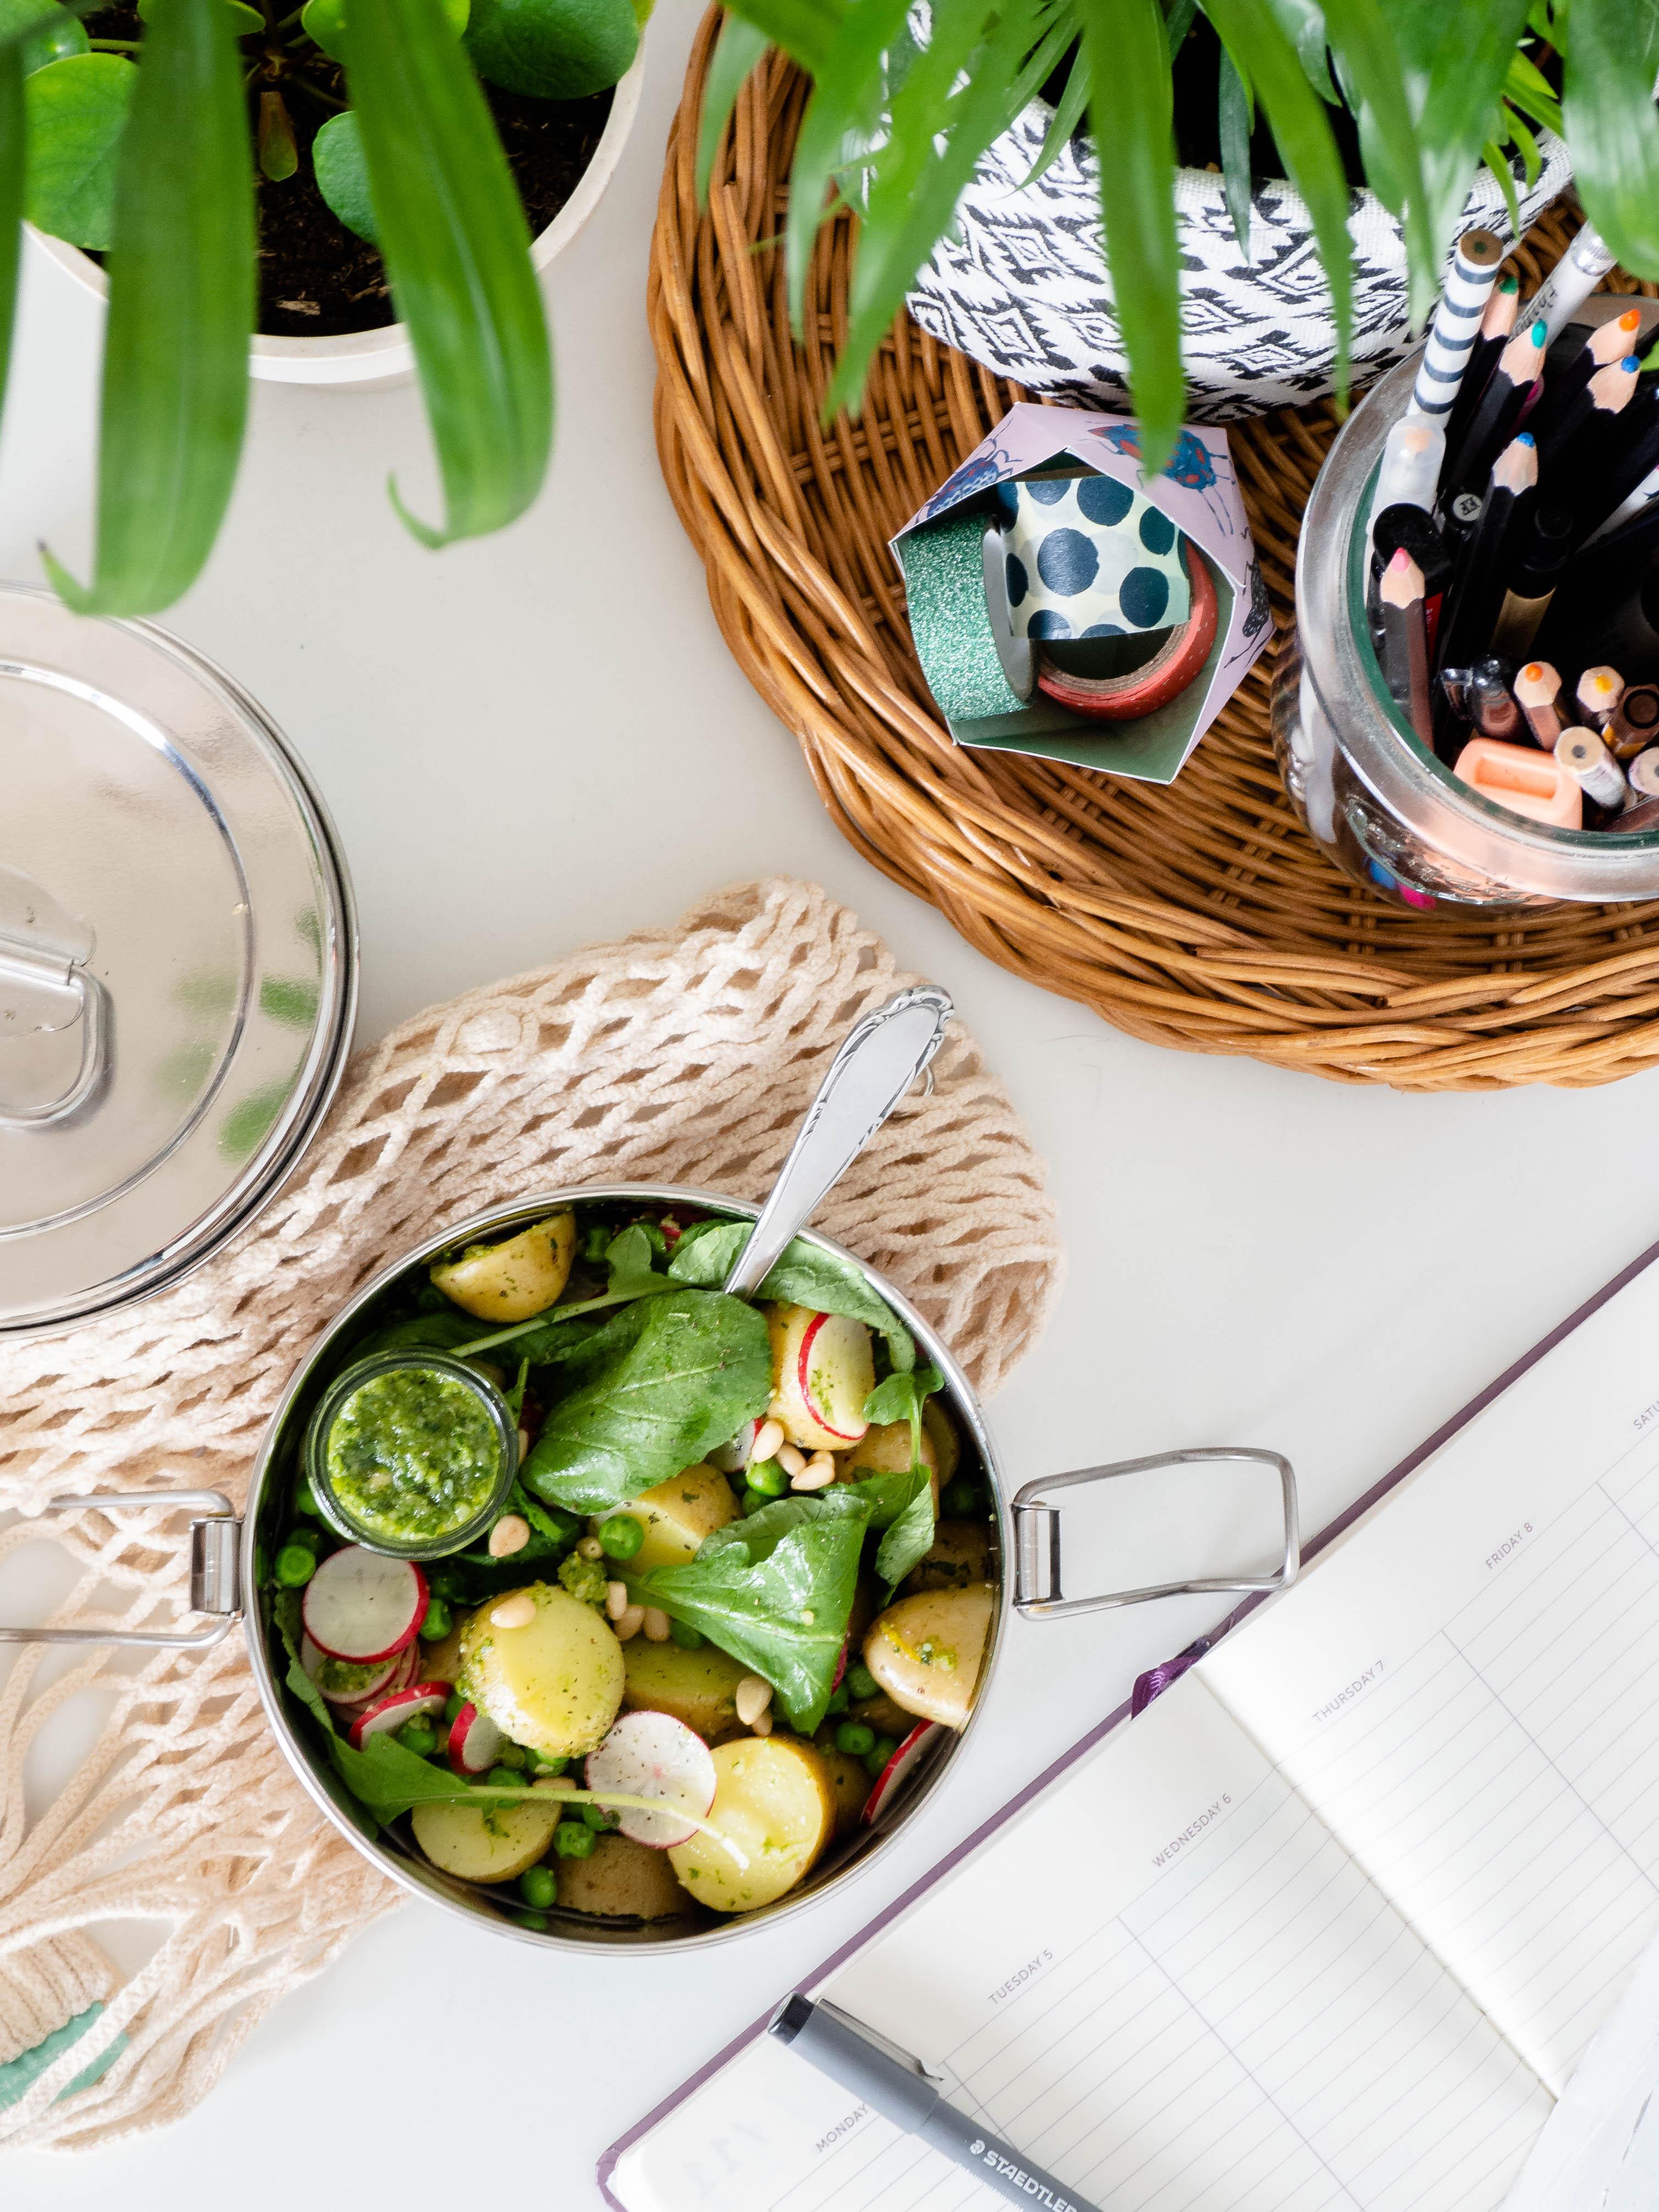 Aardappelsalade met radijsjes, doperwten en pesto